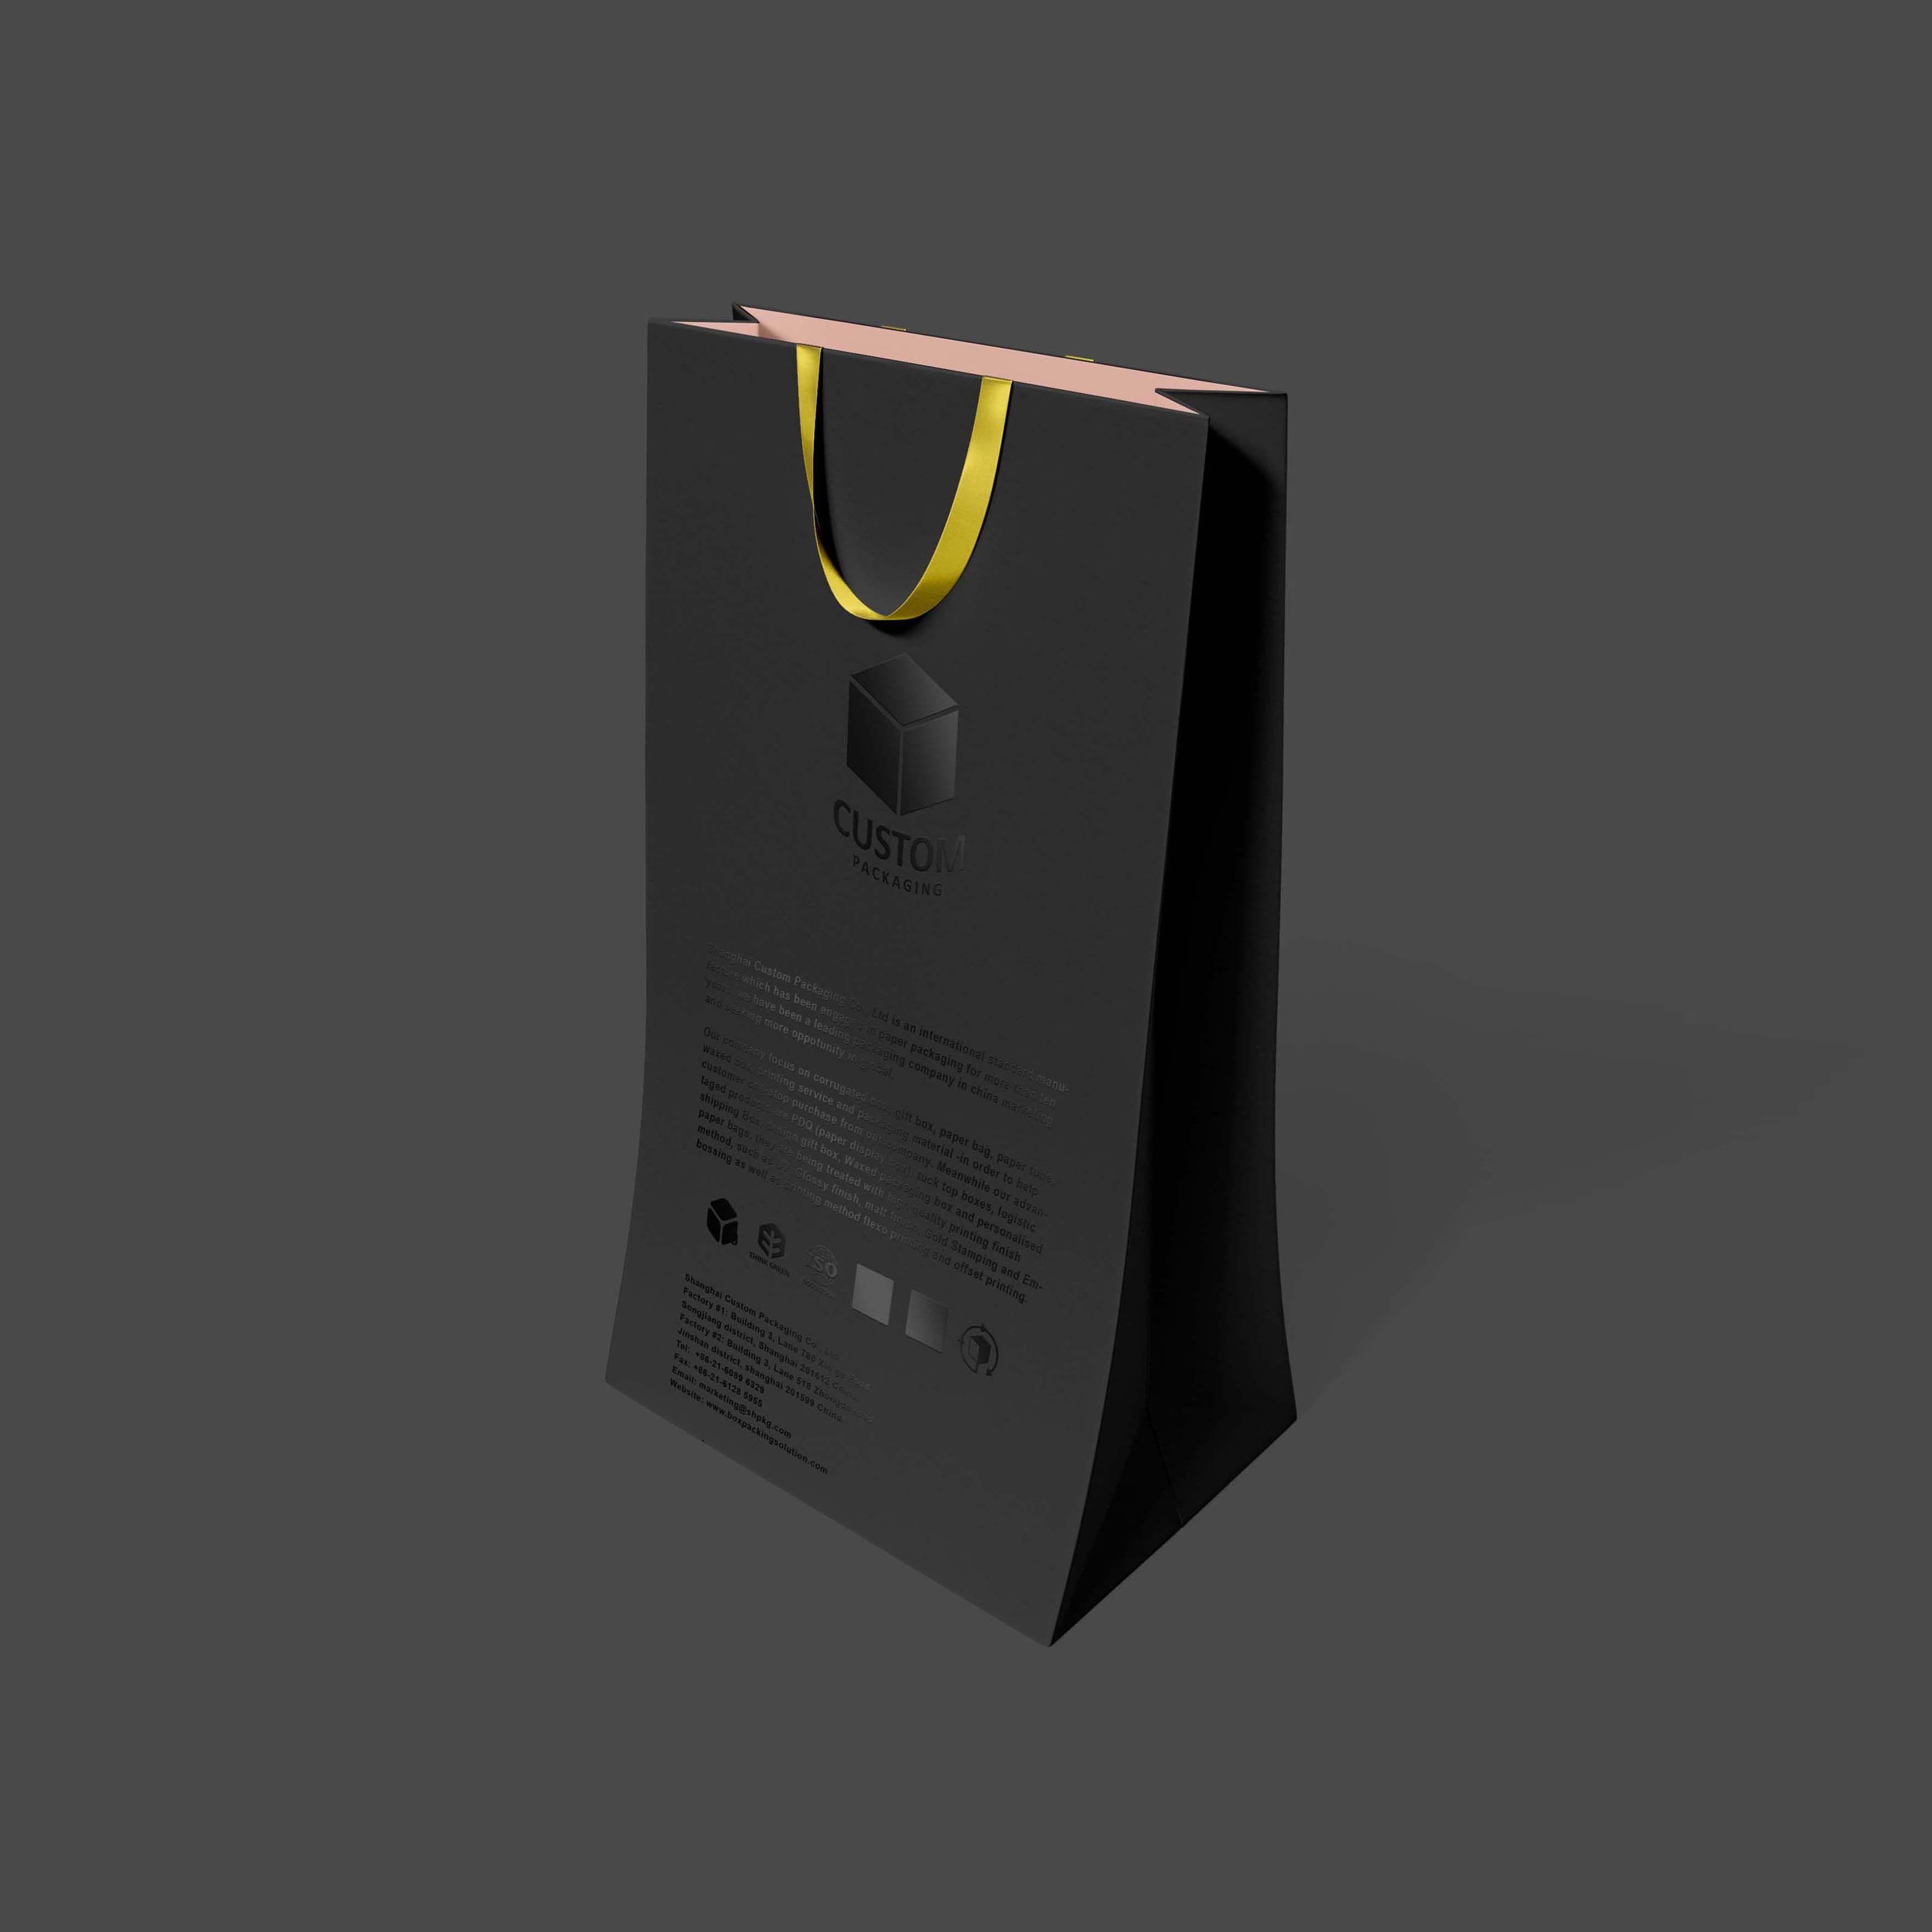 Customized Printed Paper Bags   Custom Printed Paper Bags